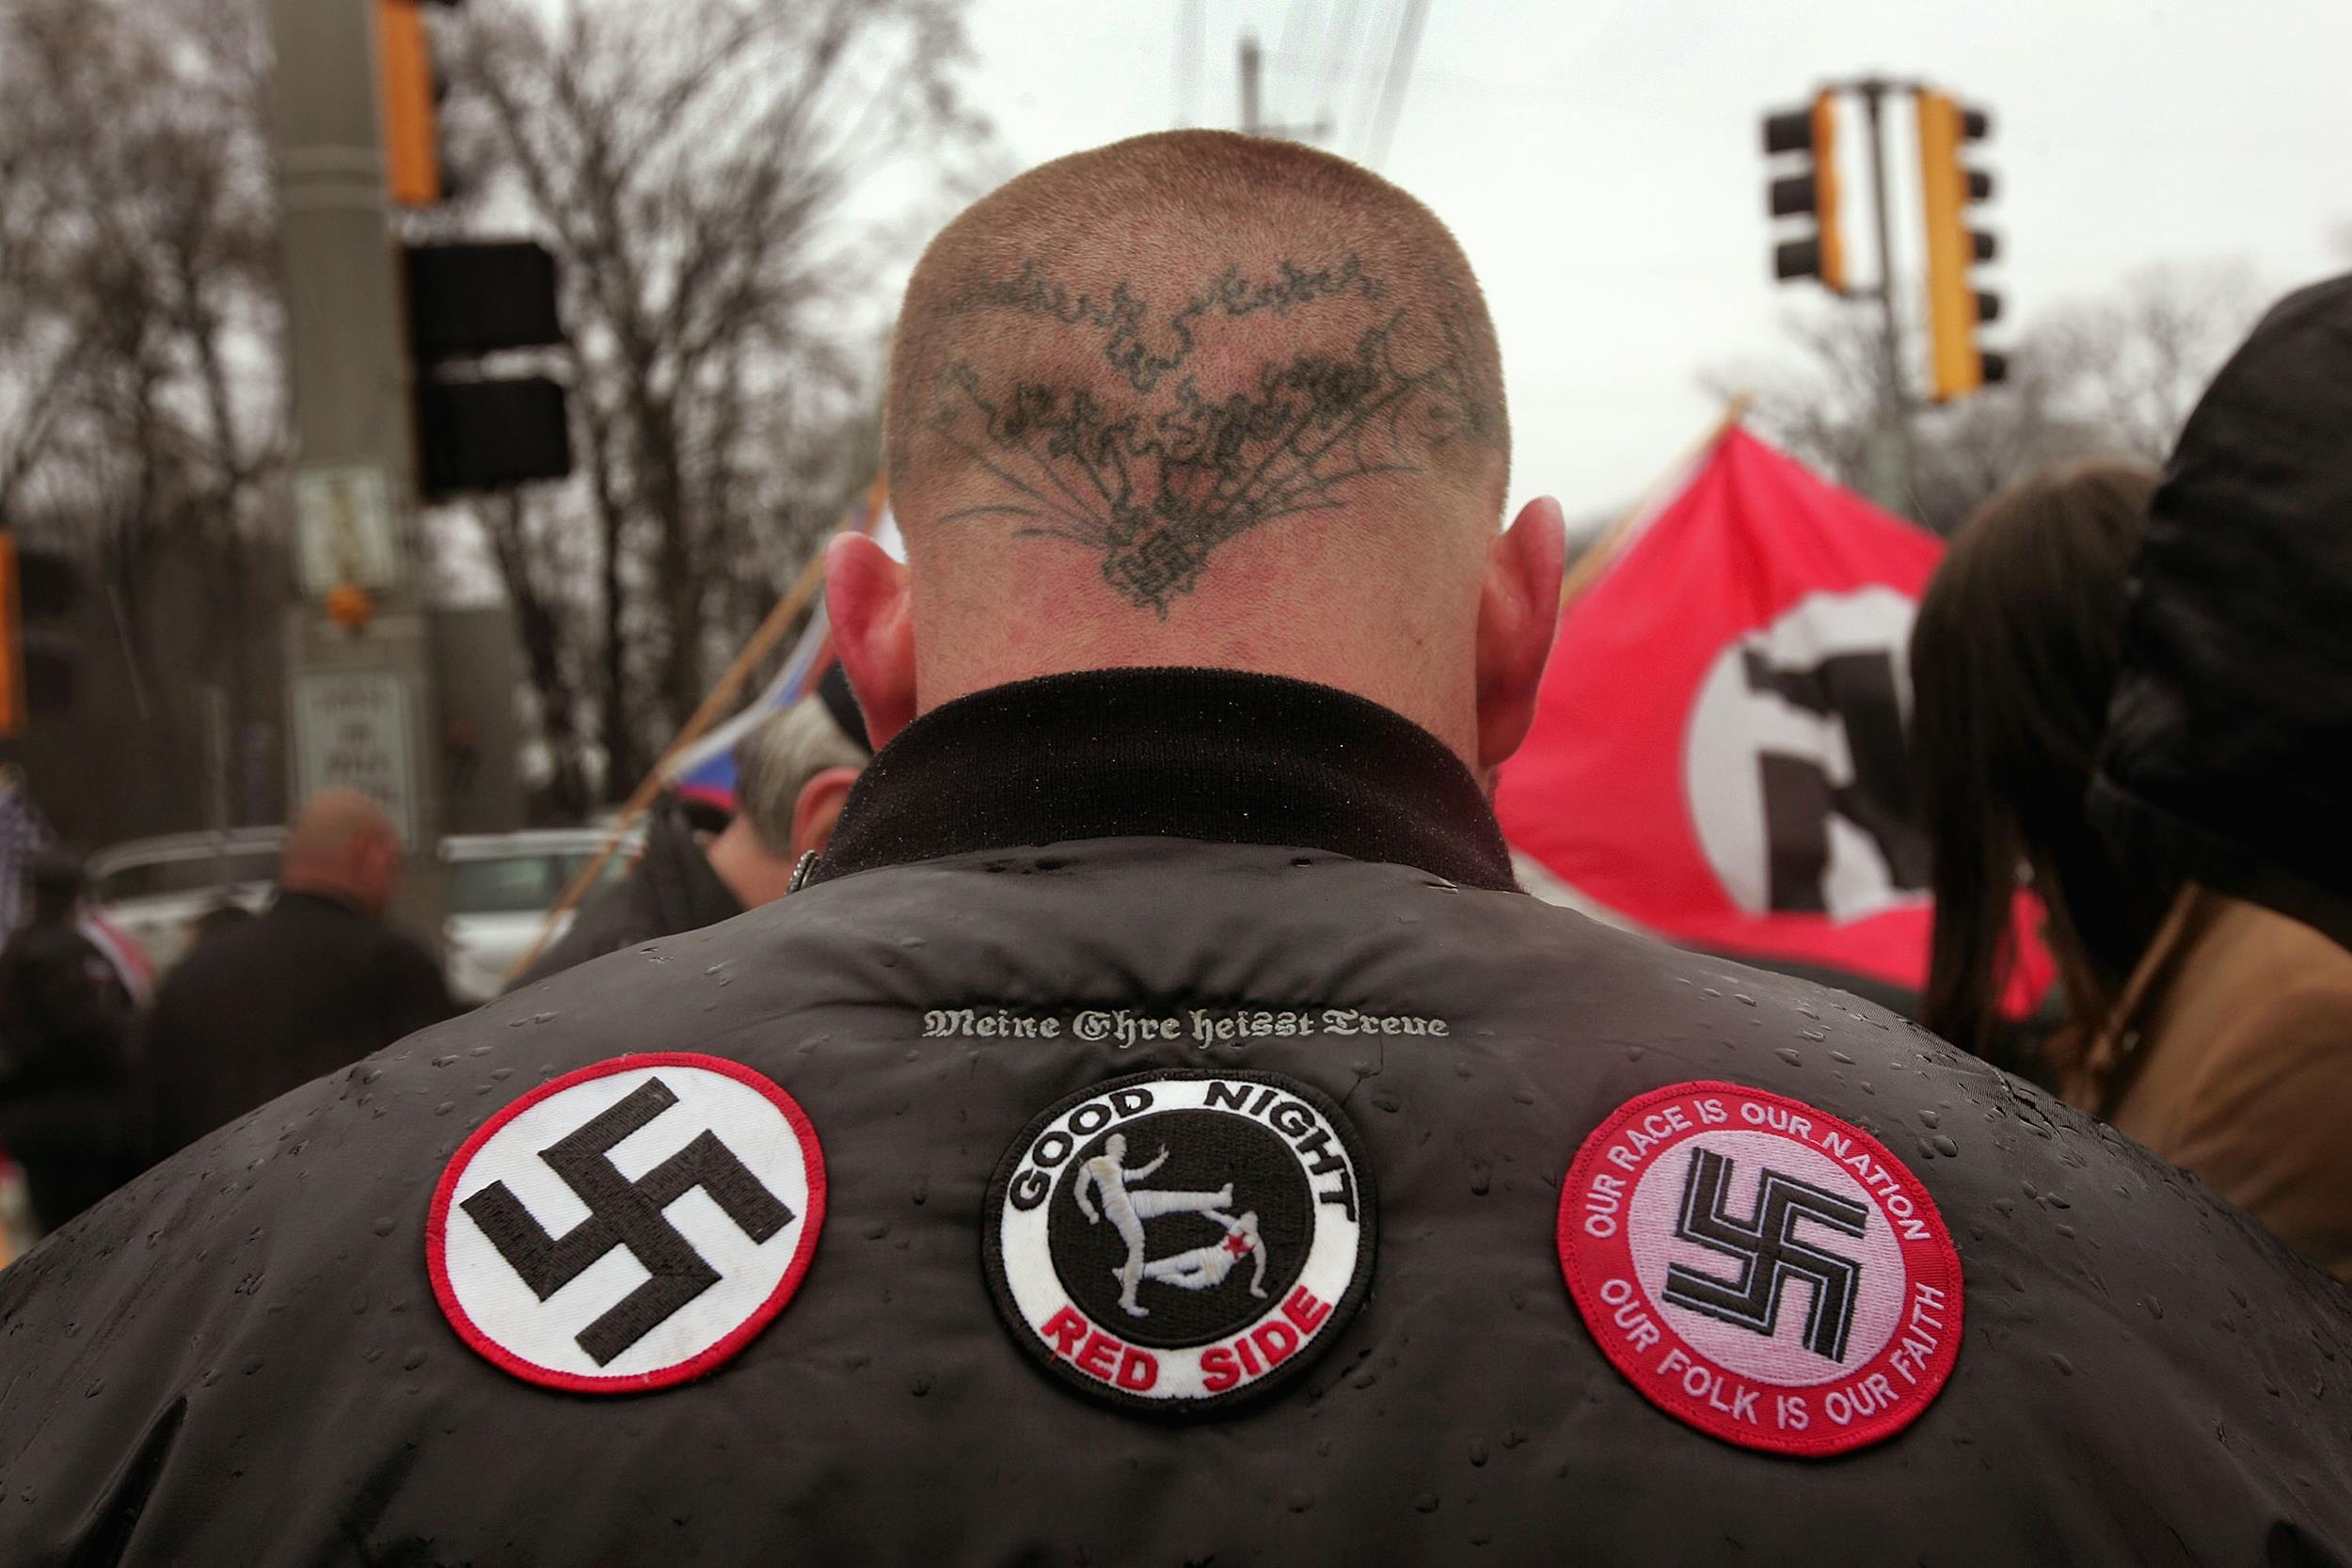 Image: A Neo-Nazi protester